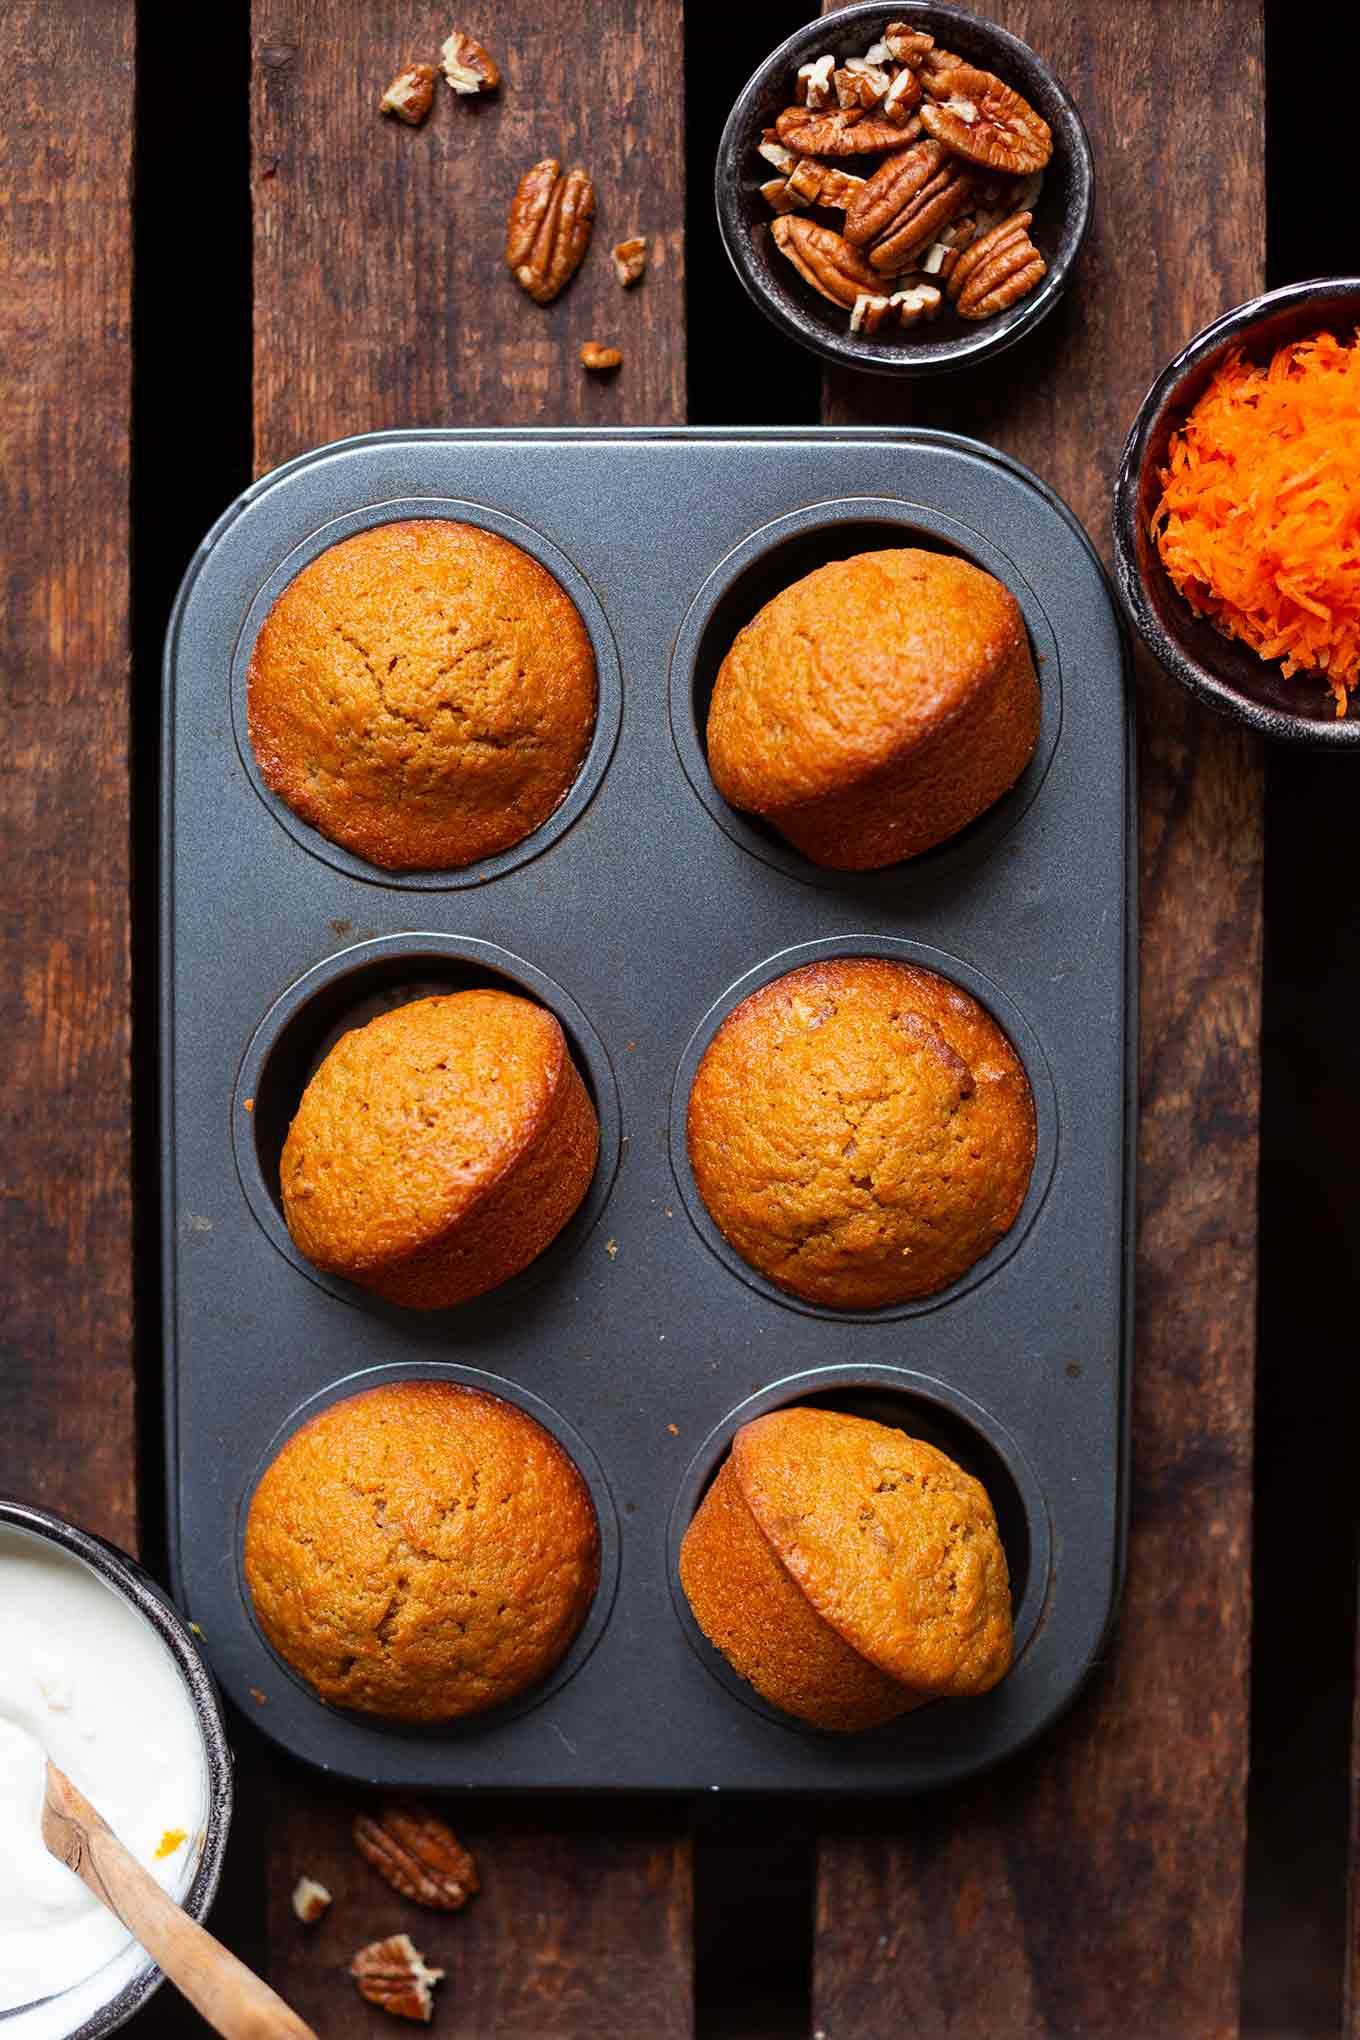 Werbung. Carrot Cake Muffins. Diese einfachen Karotten Muffins mit Creme Fraiche Topping sind saftig und das perfekte Rezept für Kinder! Sooo gut! - Kochkarussell.com #rezept #muffins #einfach #carrotcake #kochkarussell